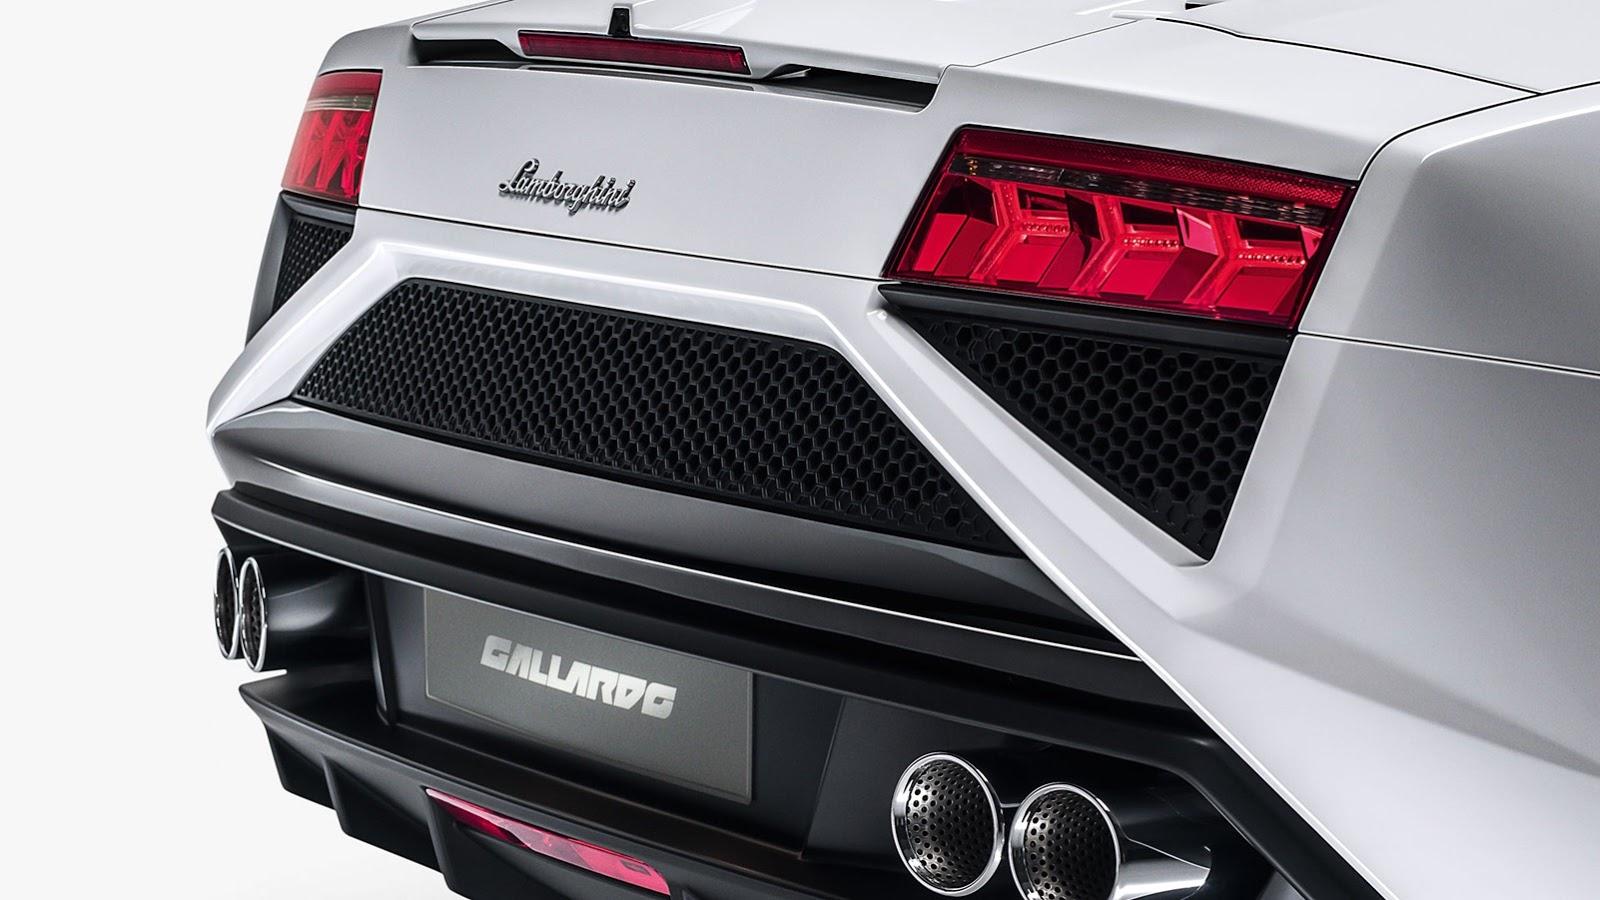 Lamborghini_Gallardo_Spyder_Facelift_Rear